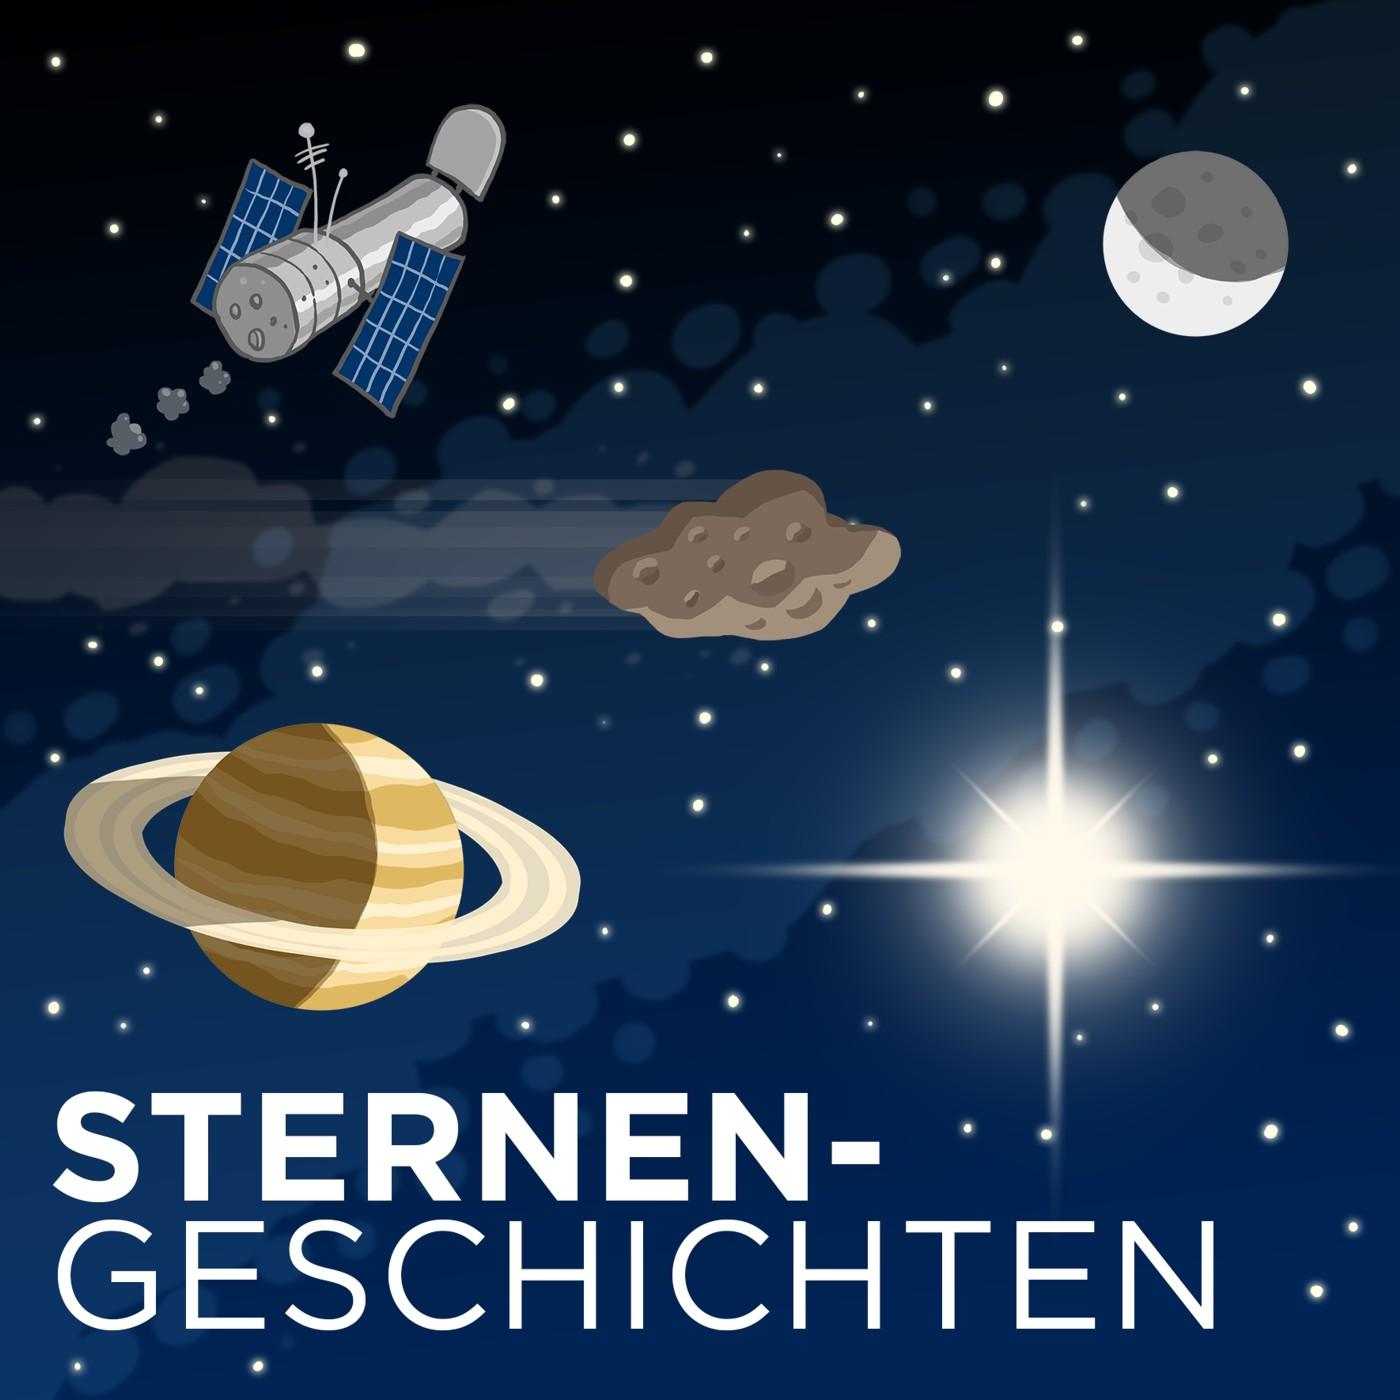 Sternengeschichten Folge 399: Außerirdischer Regen